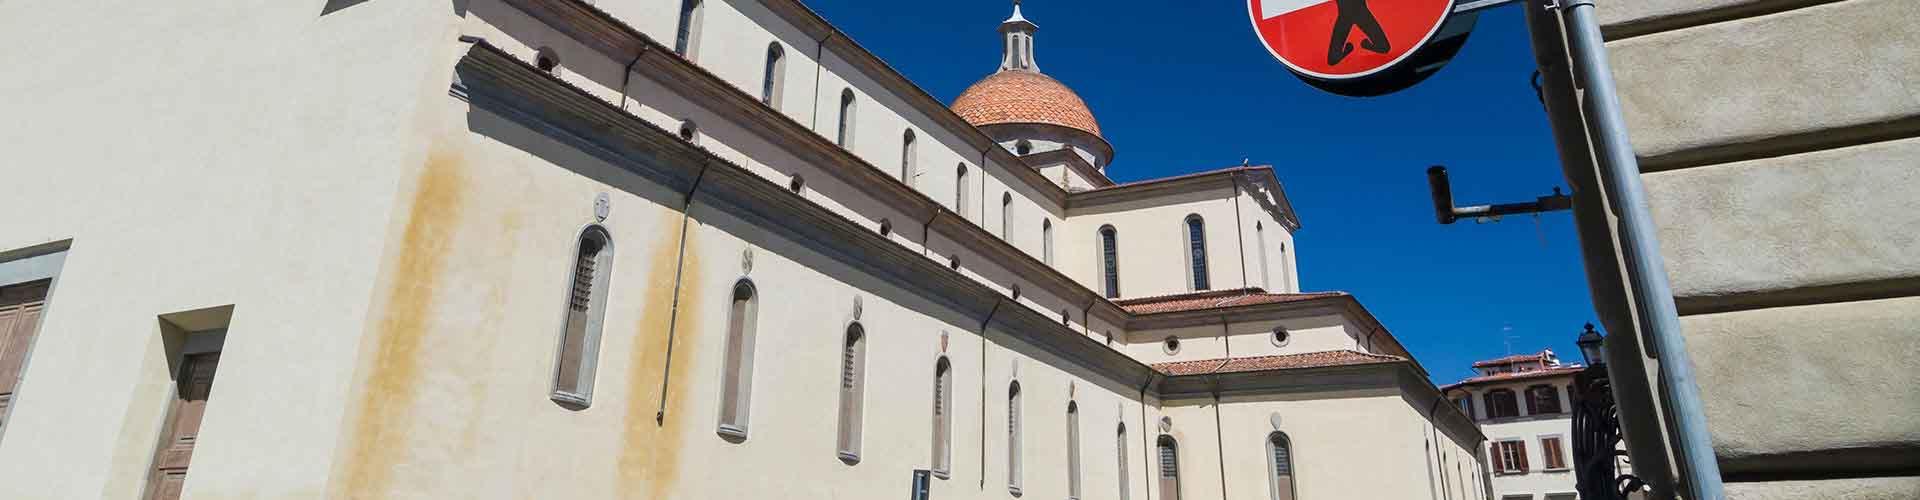 Firenze – Hostellit kaupungiosassa Santo Spirito. Firenze -karttoja, valokuvia ja arvosteluja kaikista Firenze -hostelleista.